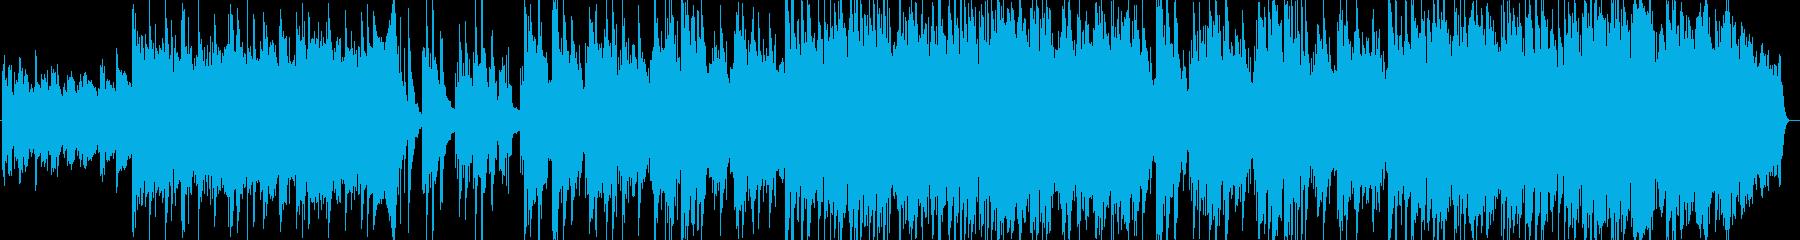 一人の夜シンセサイザー系サウンドの再生済みの波形